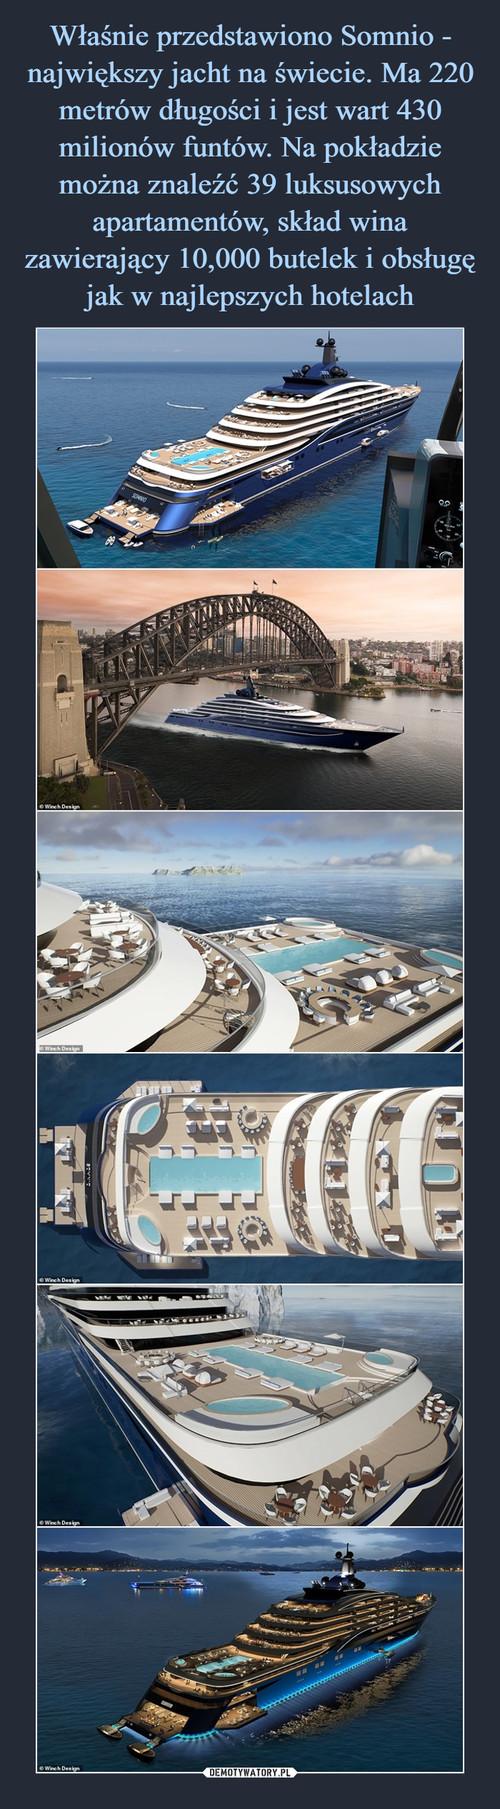 Właśnie przedstawiono Somnio - największy jacht na świecie. Ma 220 metrów długości i jest wart 430 milionów funtów. Na pokładzie można znaleźć 39 luksusowych apartamentów, skład wina zawierający 10,000 butelek i obsługę jak w najlepszych hotelach